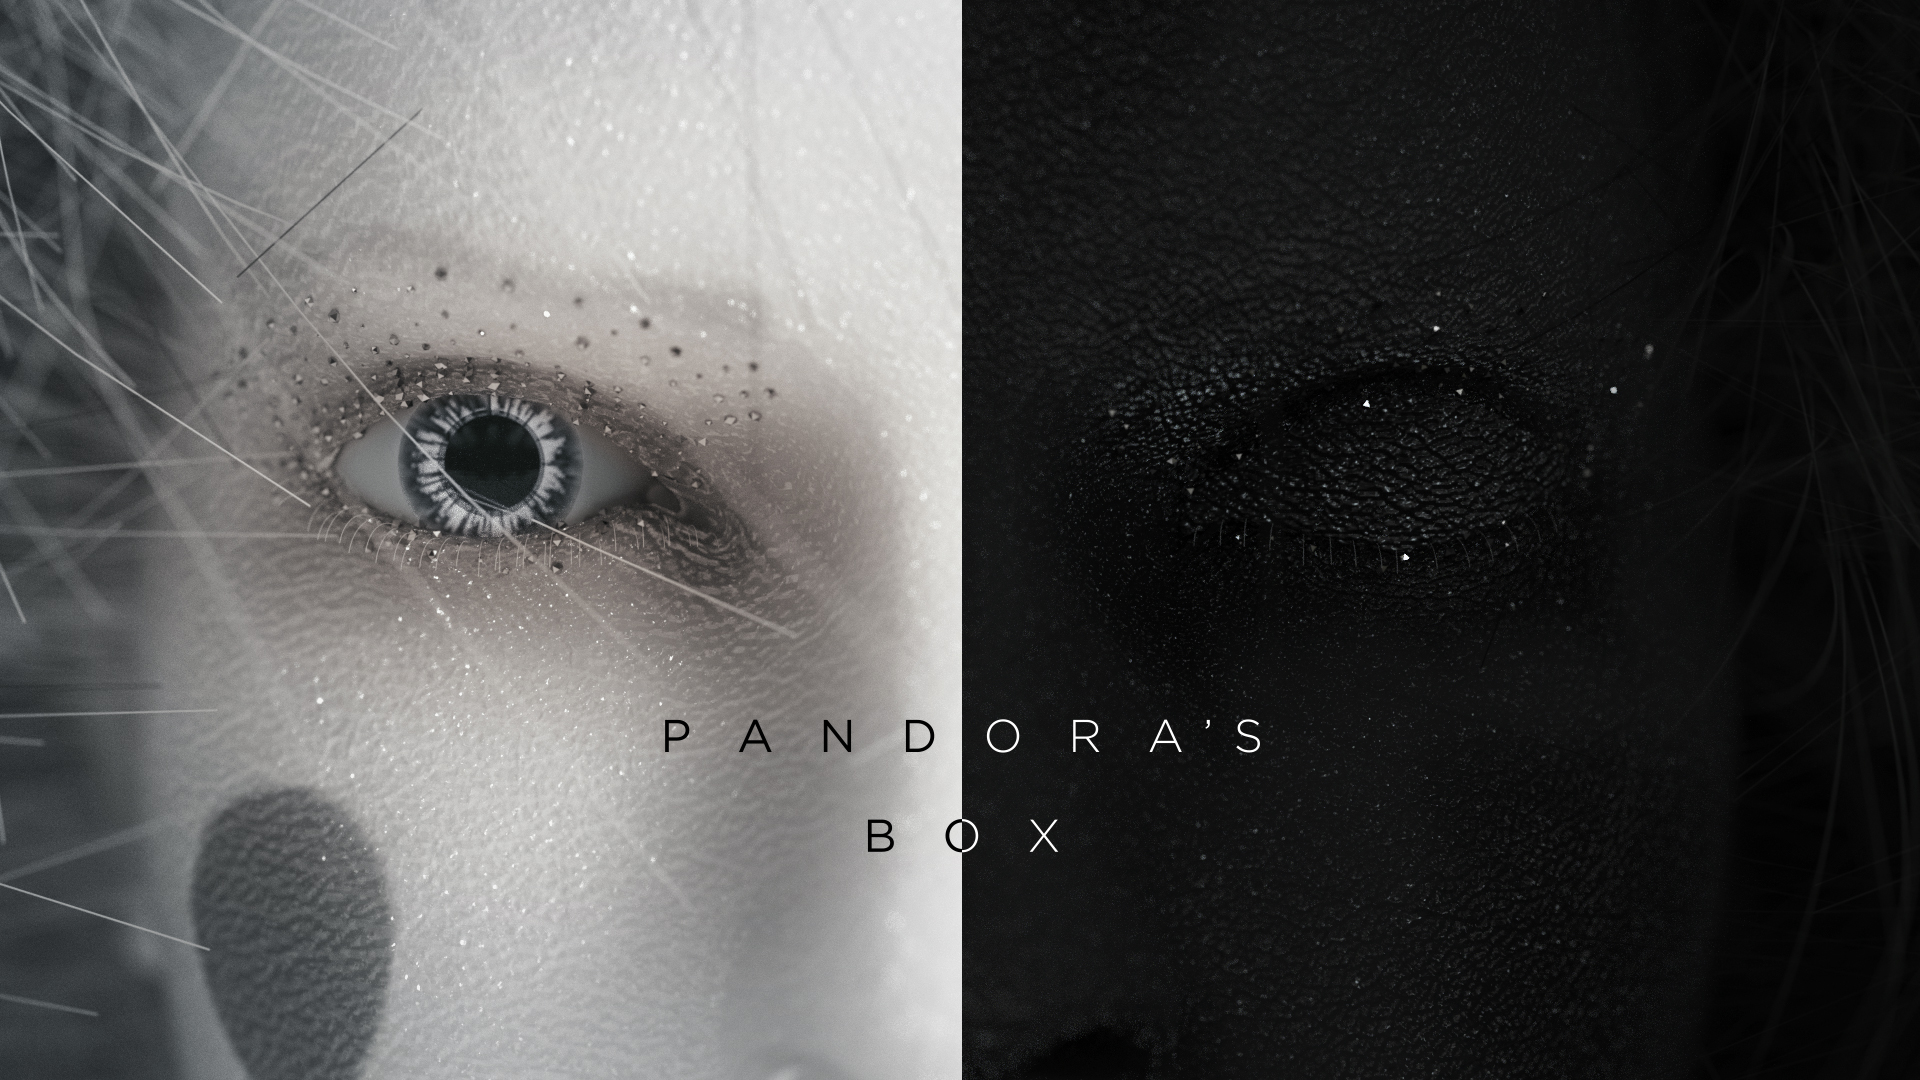 PandorasBox-RonWeaver-2017_Titleframe